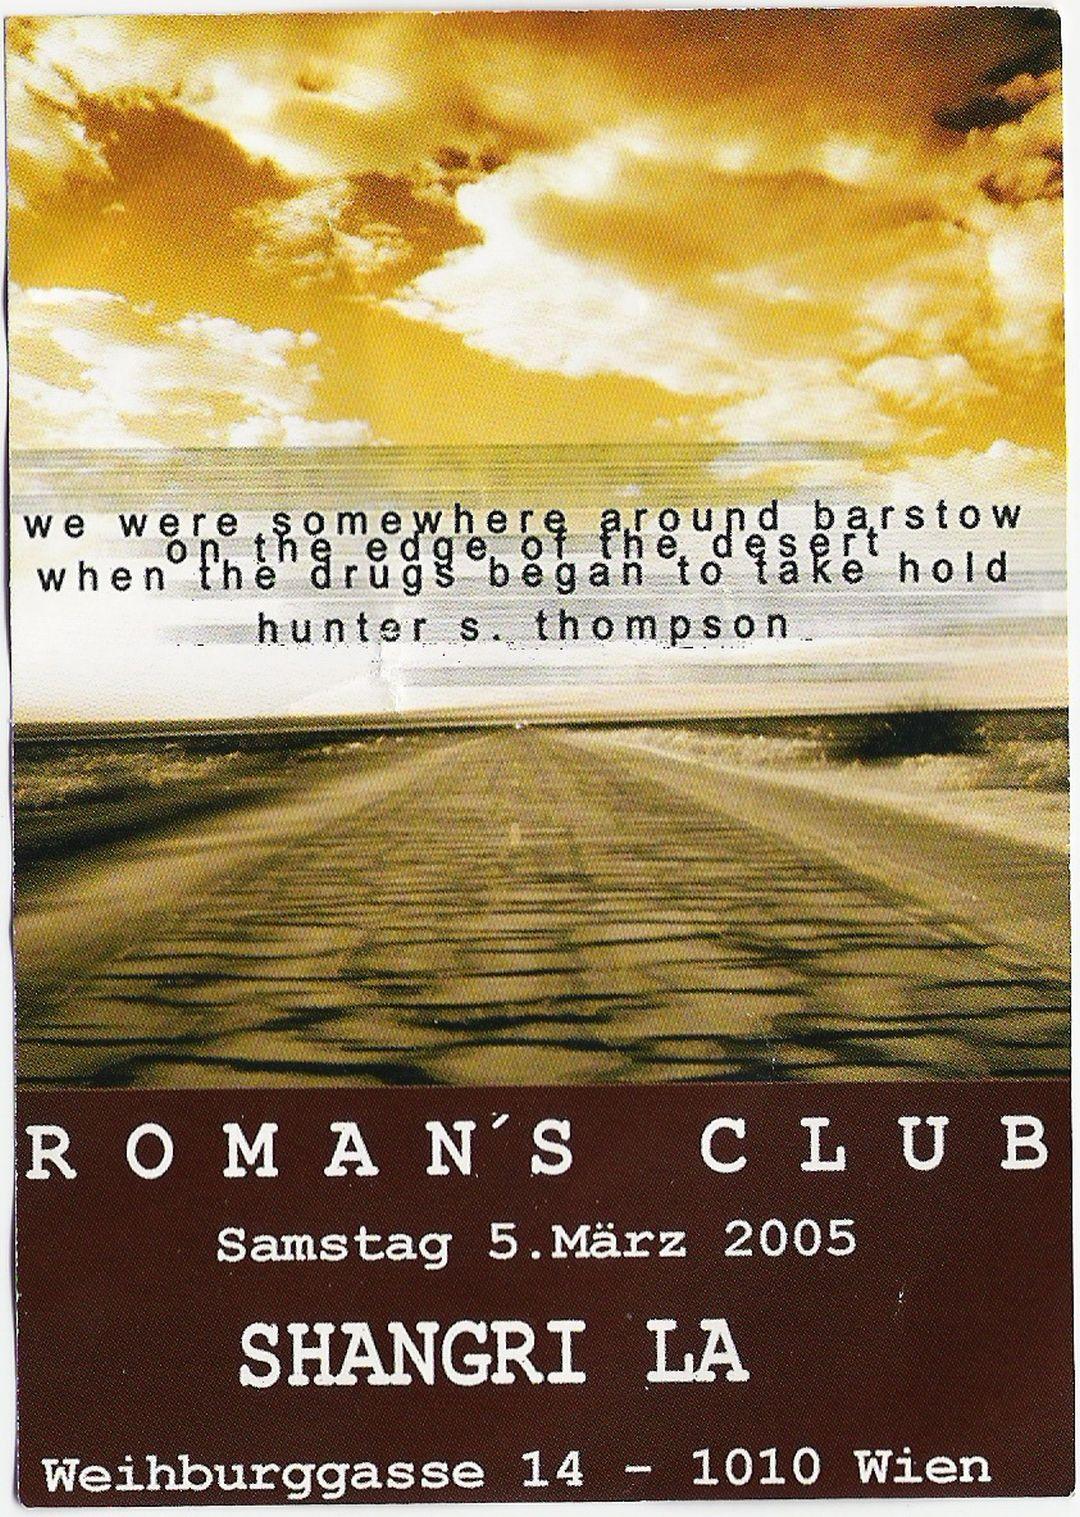 Shangrila Romans Club – 5.3.05